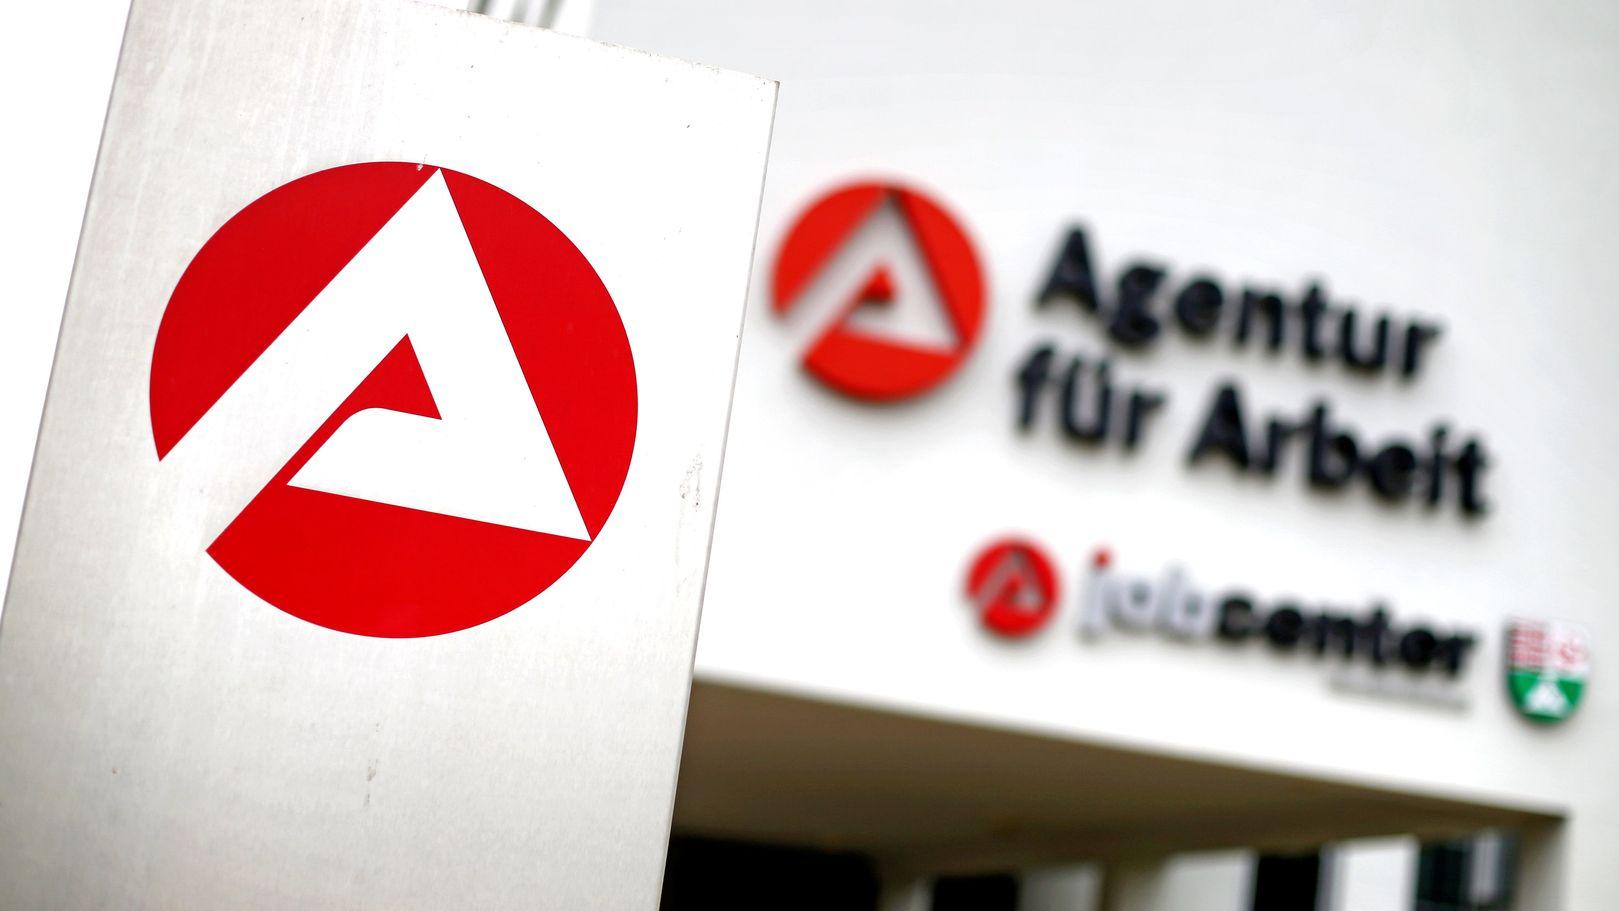 Die Außenfassade eines Jobcenters mit dem Logo der Agentur für Arbeit.